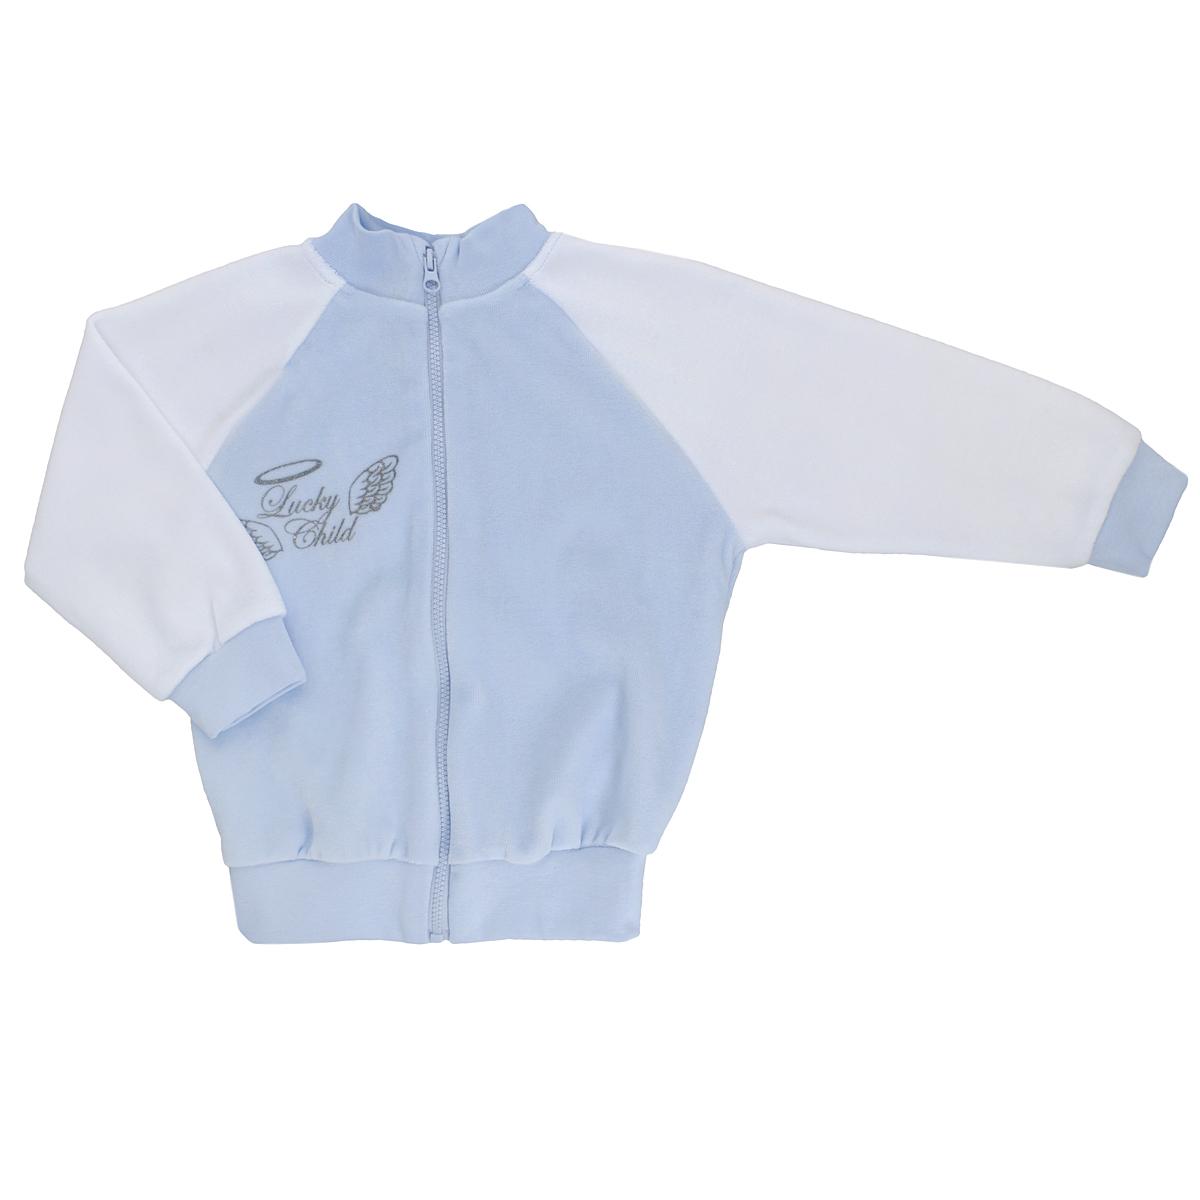 Кофточка детская Lucky Child Ангелы, цвет: голубой, белый. 17-18. Размер 74/8017-18Кофточка для новорожденного Lucky Child Ангелы с длинными рукавами-реглан послужит идеальным дополнением к гардеробу вашего малыша, обеспечивая ему наибольший комфорт. Изготовленная из велюра, она необычайно мягкая и легкая, не раздражает нежную кожу ребенка и хорошо вентилируется, а эластичные швы приятны телу малыша и не препятствуют его движениям. Удобная застежка-молния по всей длине помогает легко переодеть младенца. Рукава, низ изделия и горловина дополнены широкими трикотажными резинками.Кофточка на груди оформлена надписью в виде логотипа бренда и изображением крылышек, а на спинке дополнена текстильными крылышками, вышитыми металлизированной нитью. Кофточка полностью соответствует особенностям жизни ребенка в ранний период, не стесняя и не ограничивая его в движениях. В ней ваш малыш всегда будет в центре внимания.